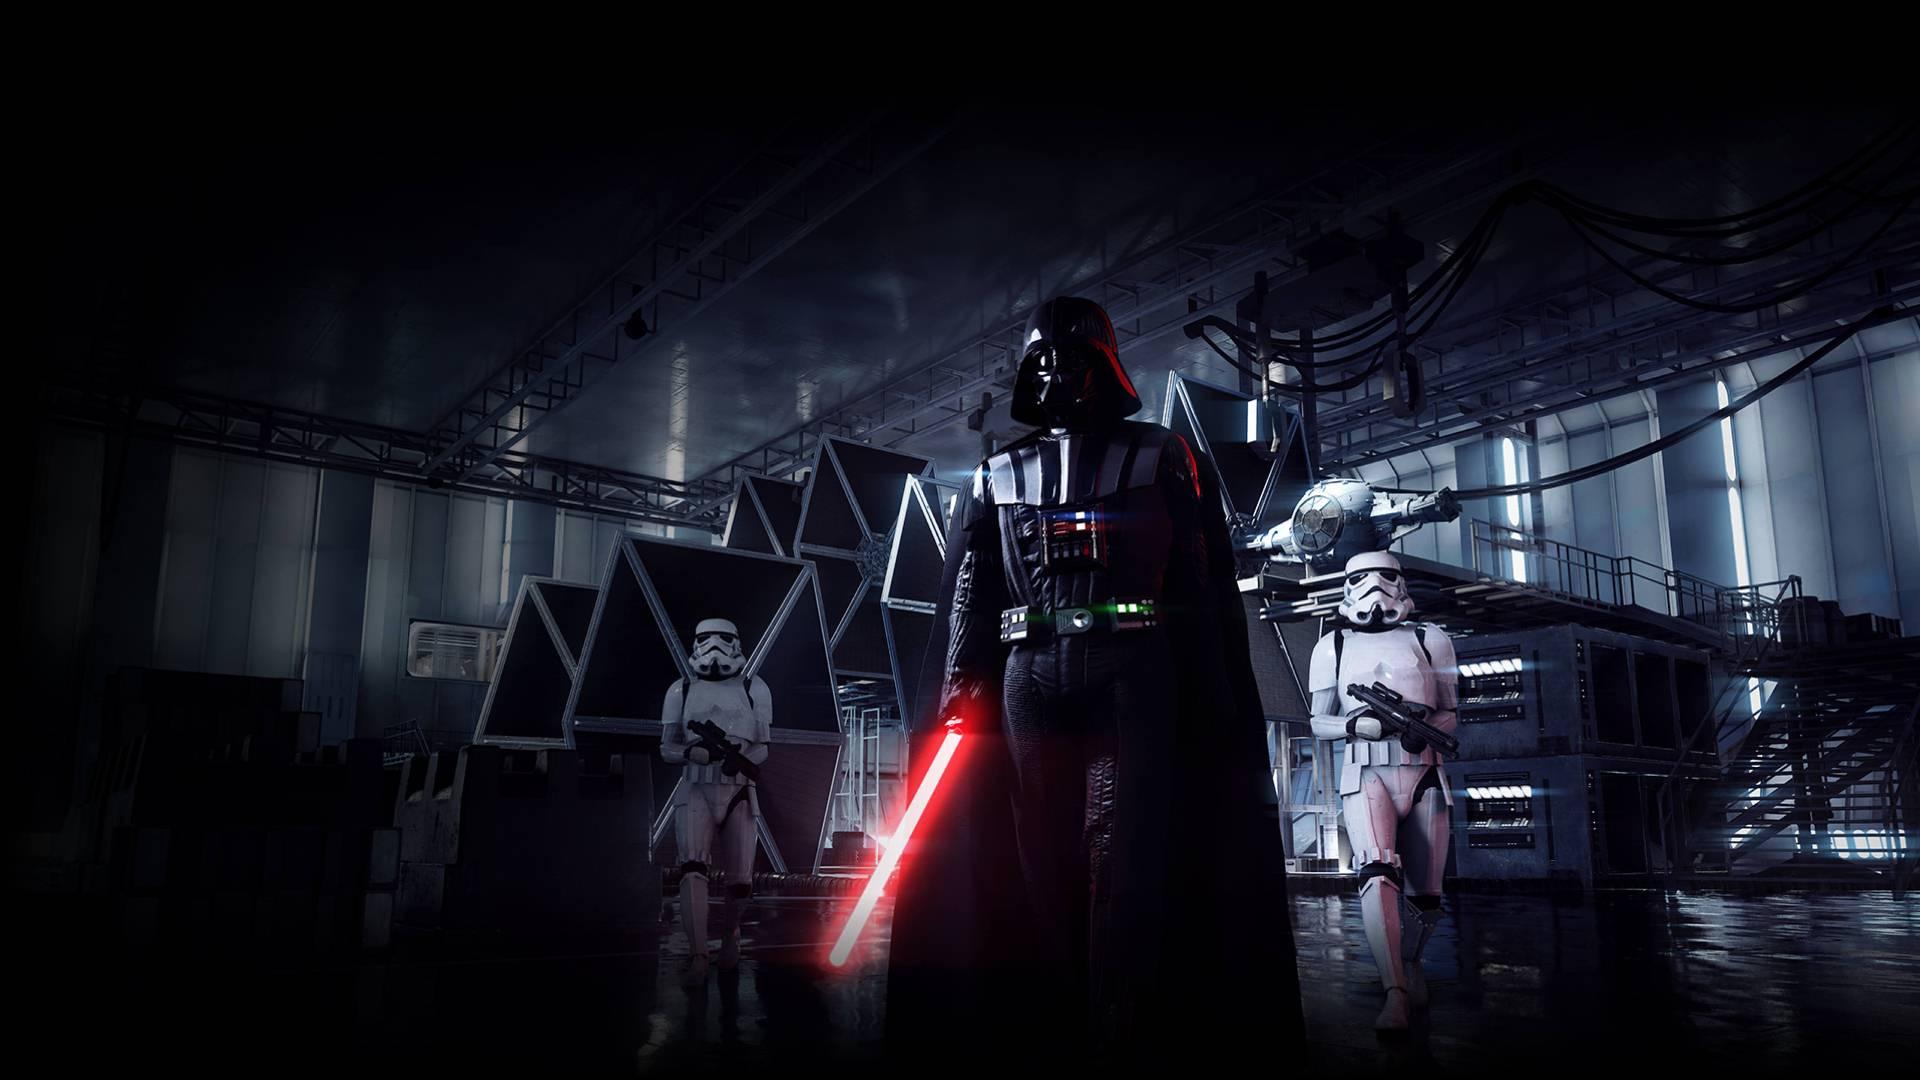 Star Wars Death Star Wallpaper Star Wars Battlefront 2